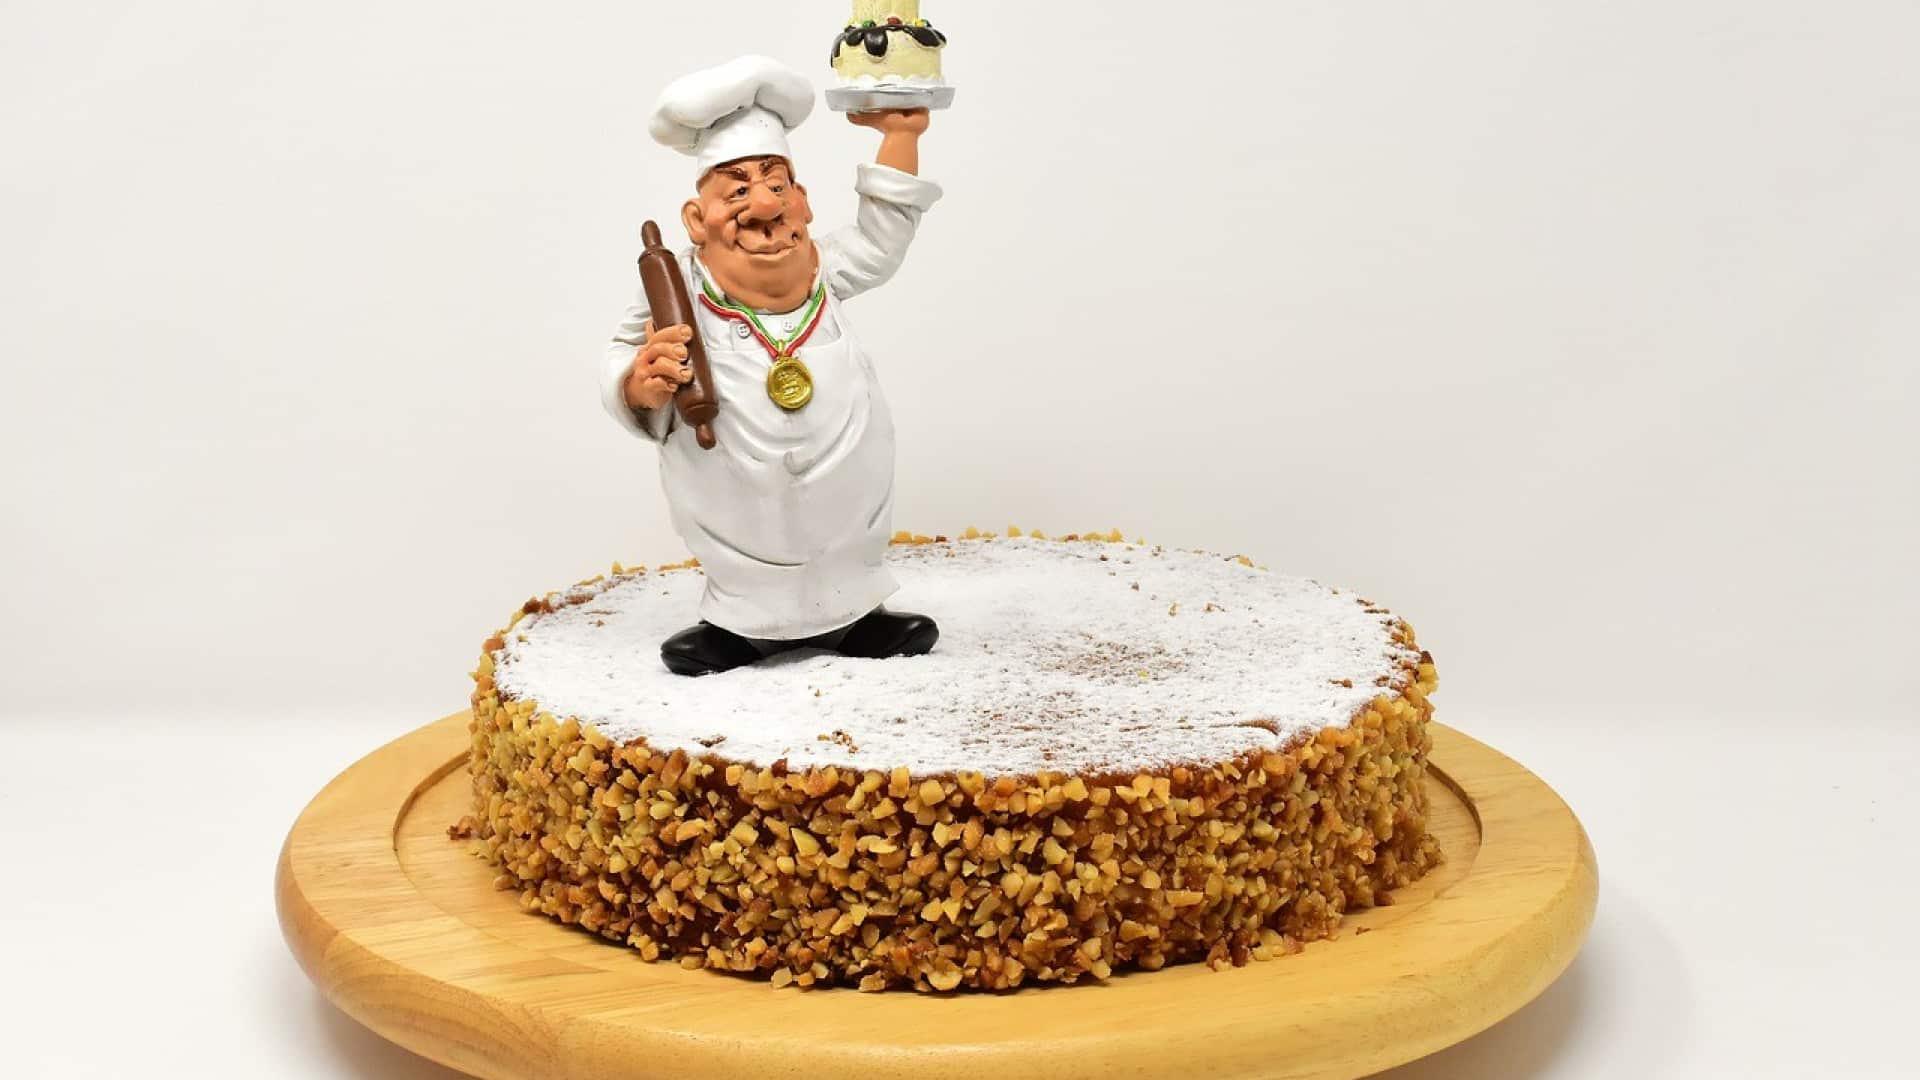 Choisissez une formation pour devenir pâtissier